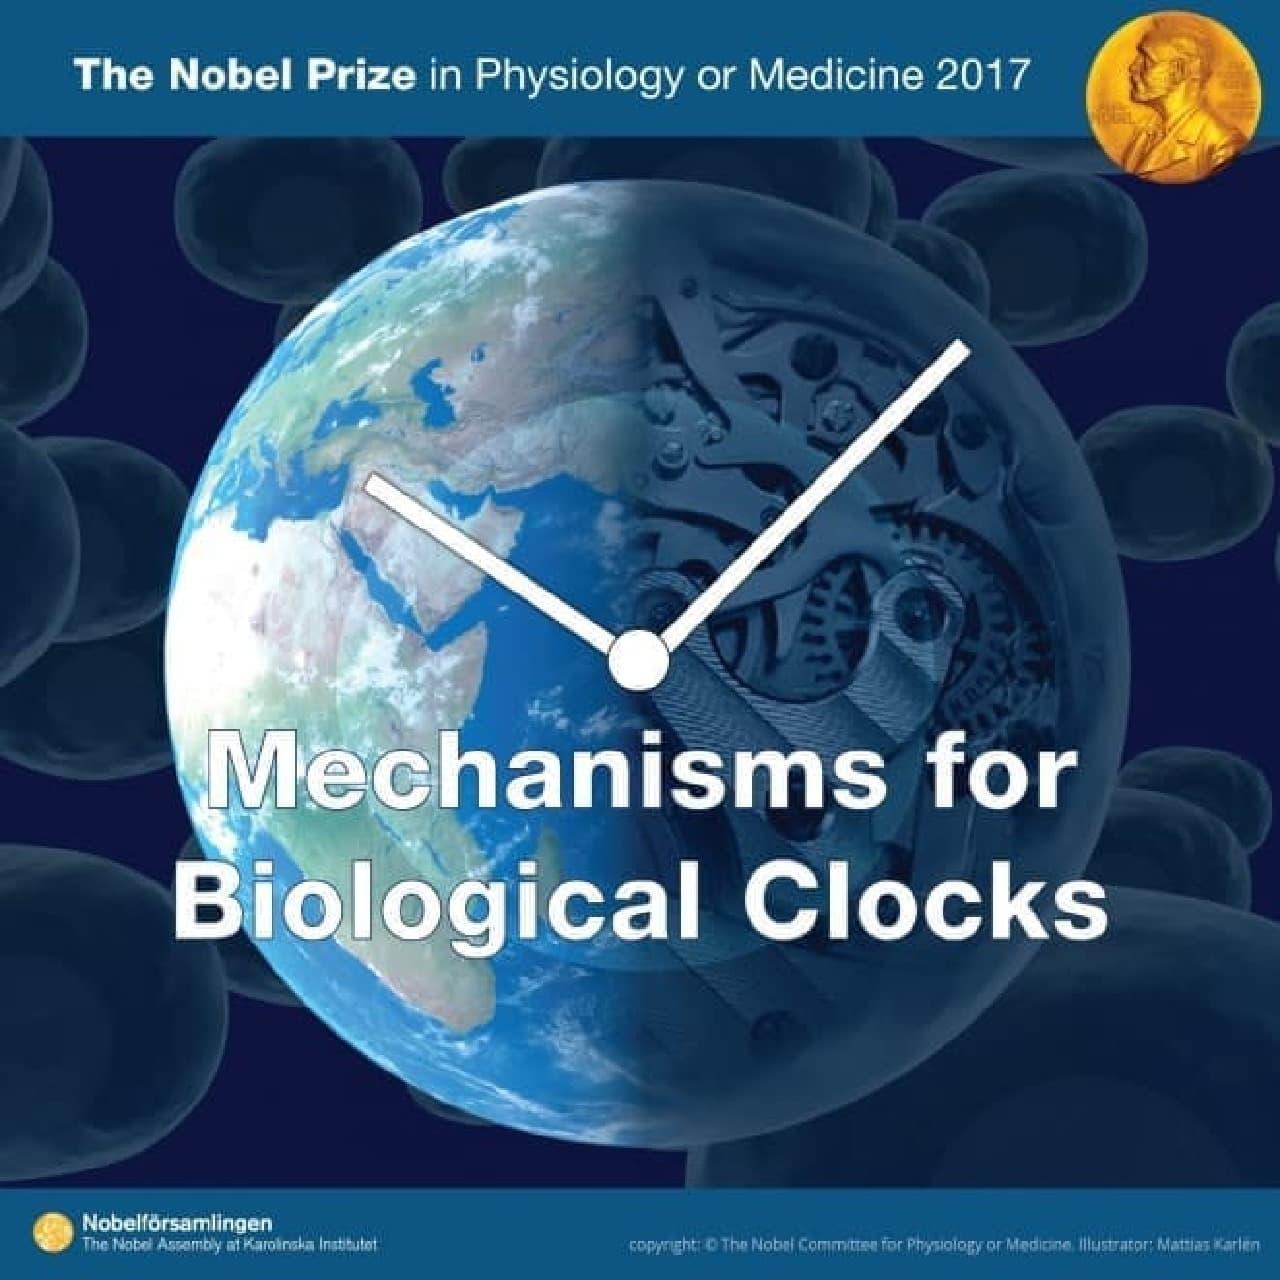 生物時計のイメージ